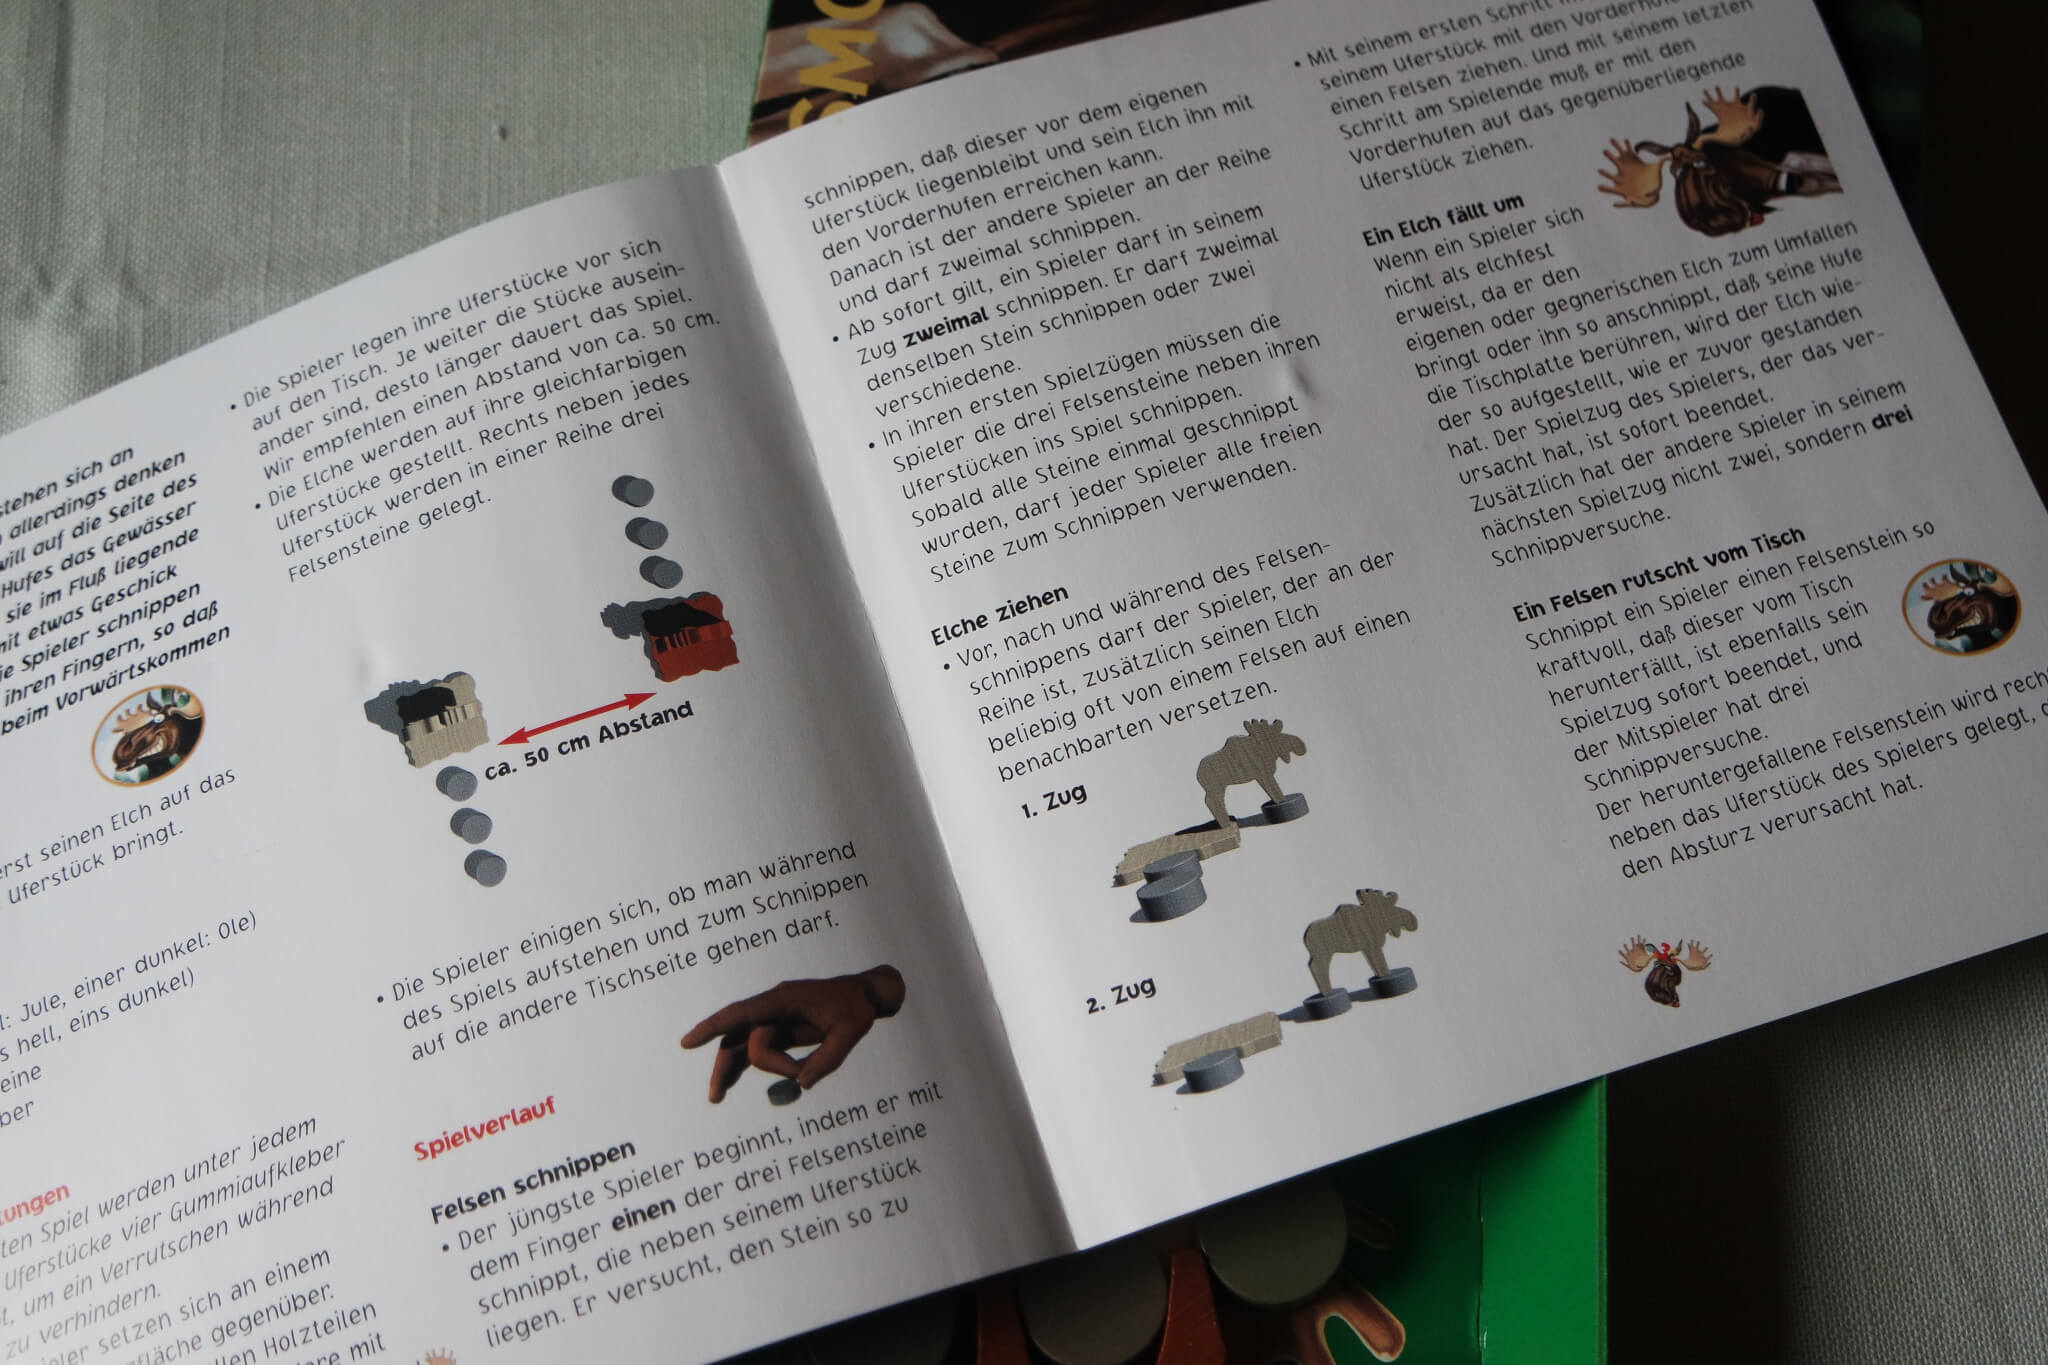 Anleitung für das Elchfest